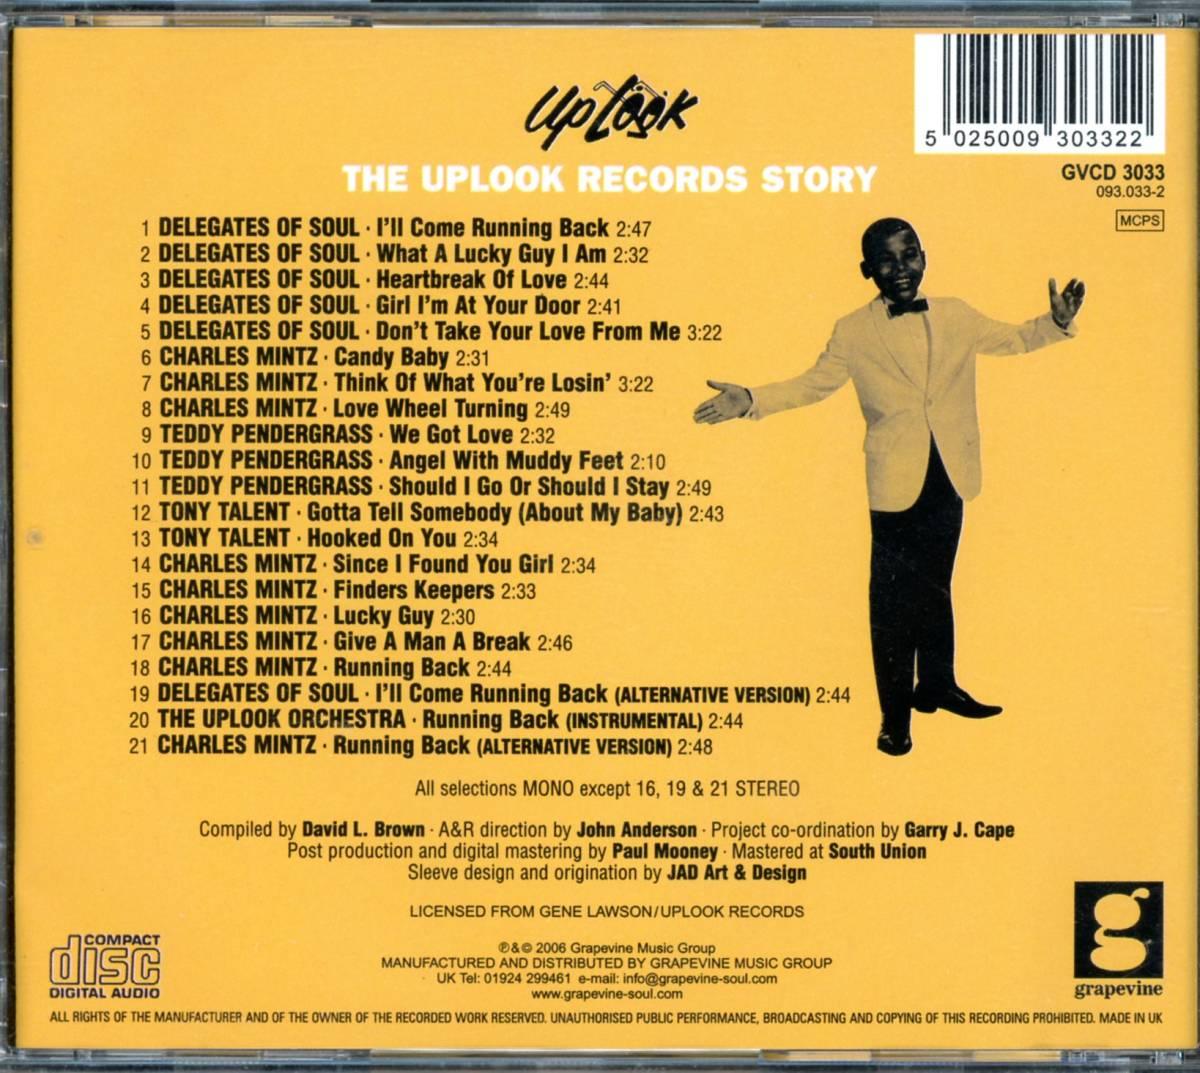 フィリーソウル■V.A. / THE UPLOOK RECORDS STORY (2007) 廃盤 レア音源多数収録!!_画像2